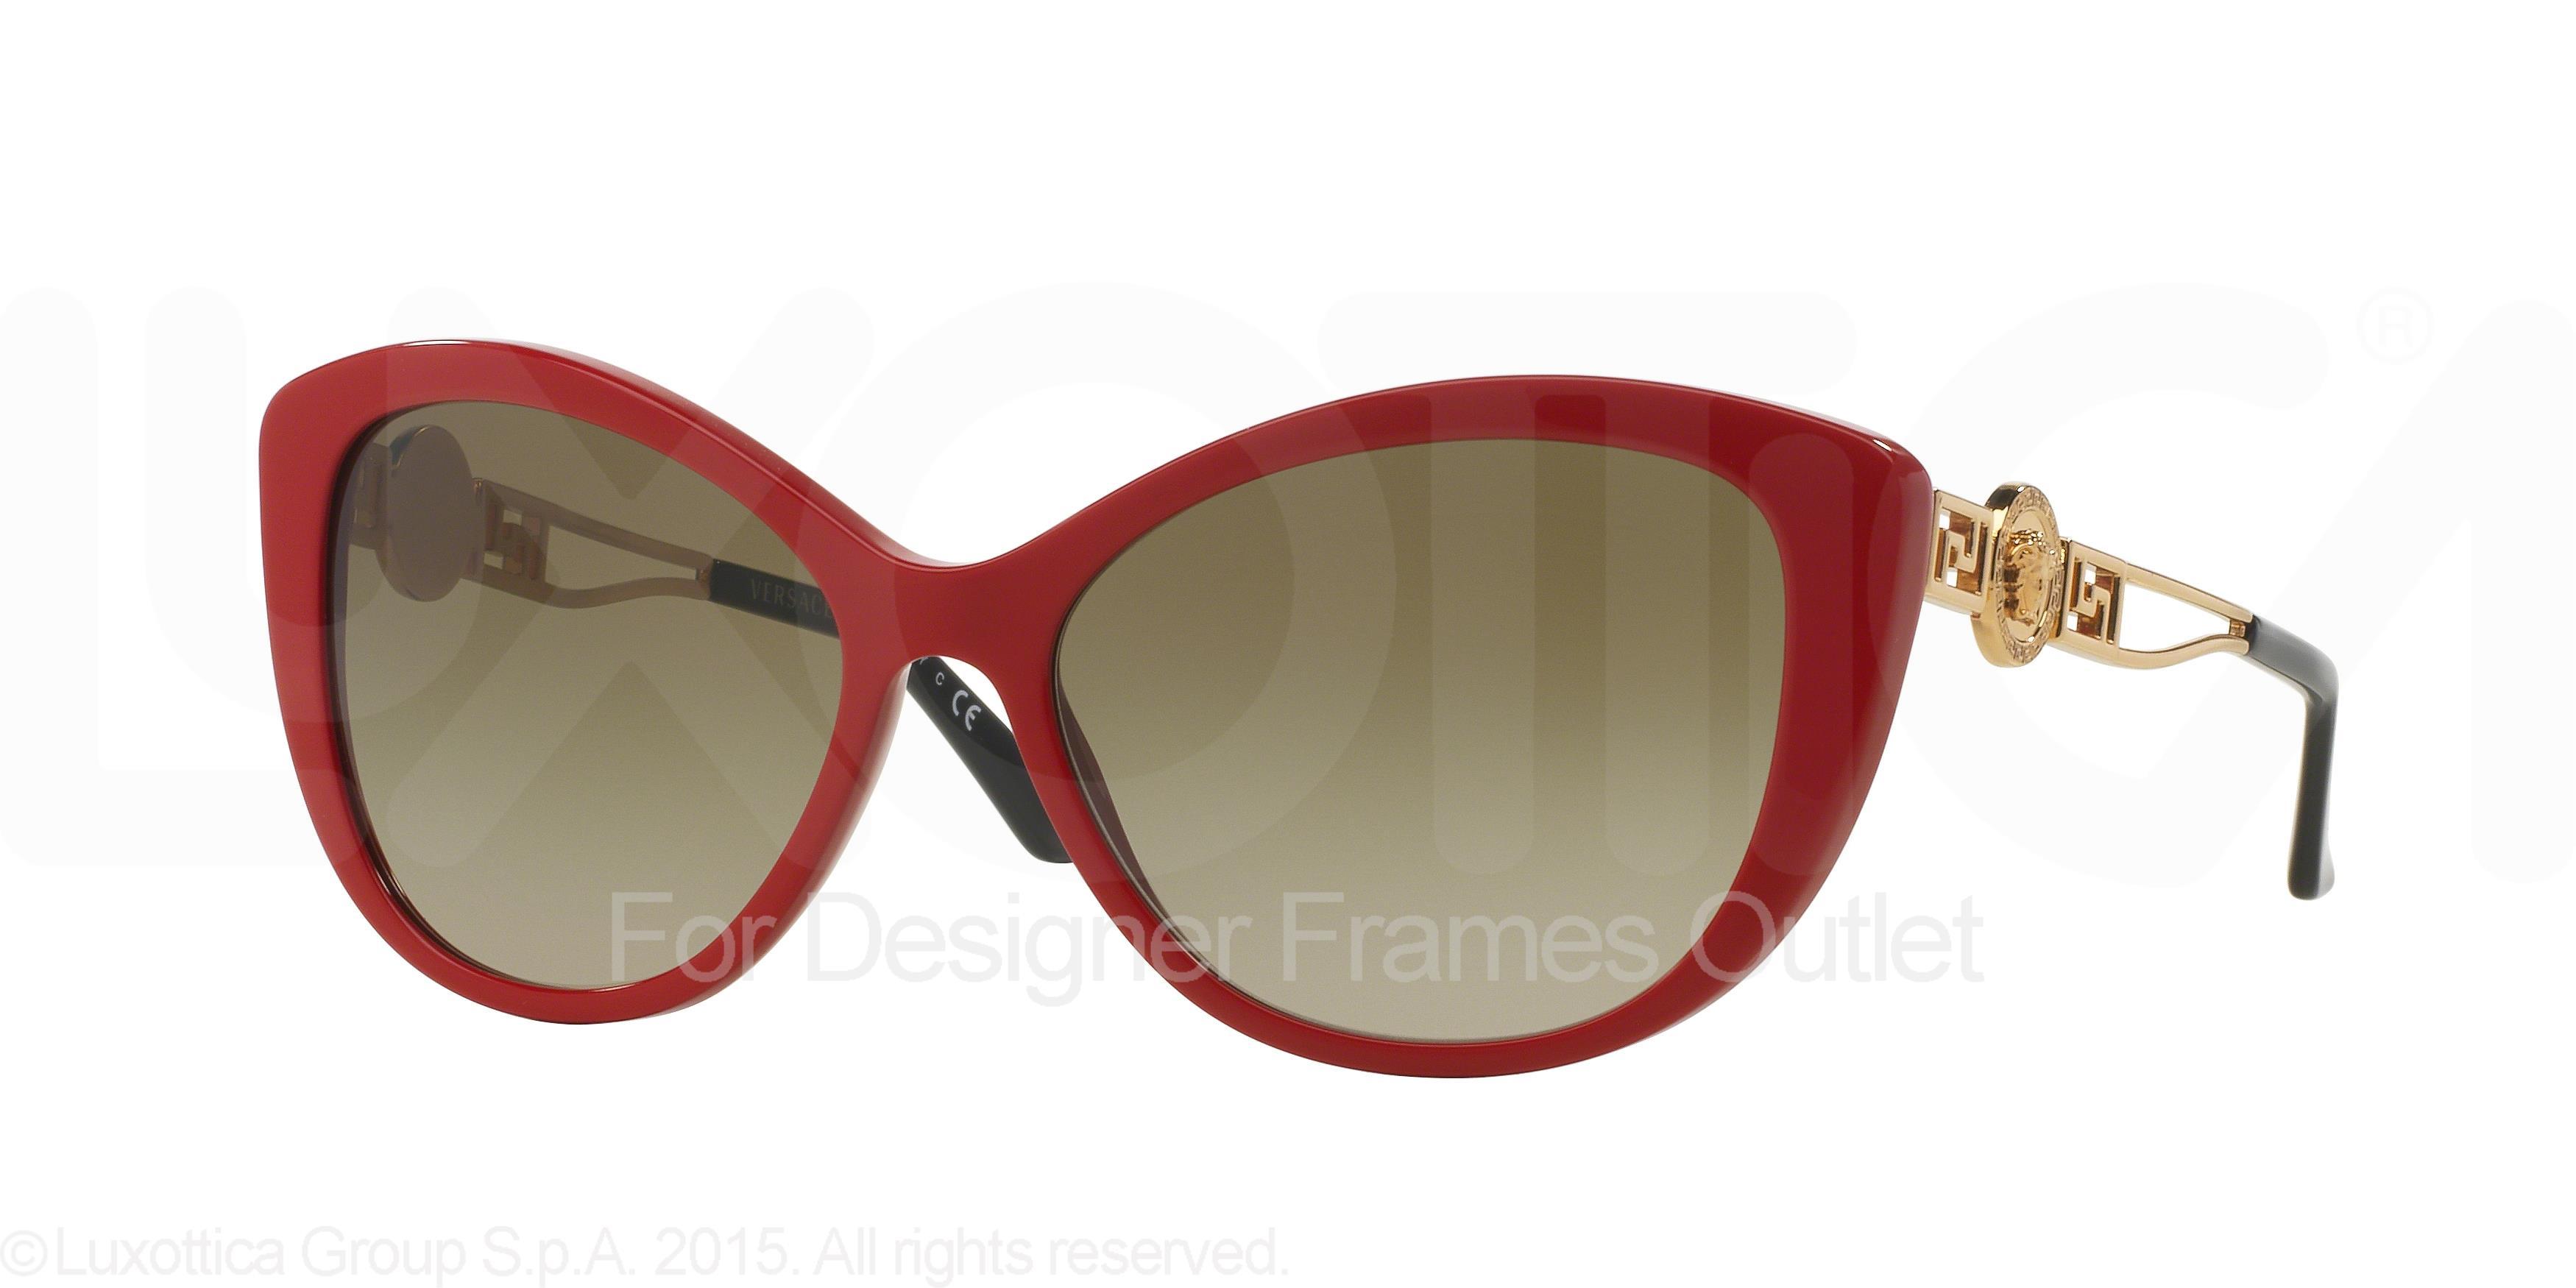 33953b1ba6e1d Designer Frames Outlet. Versace VE 4295